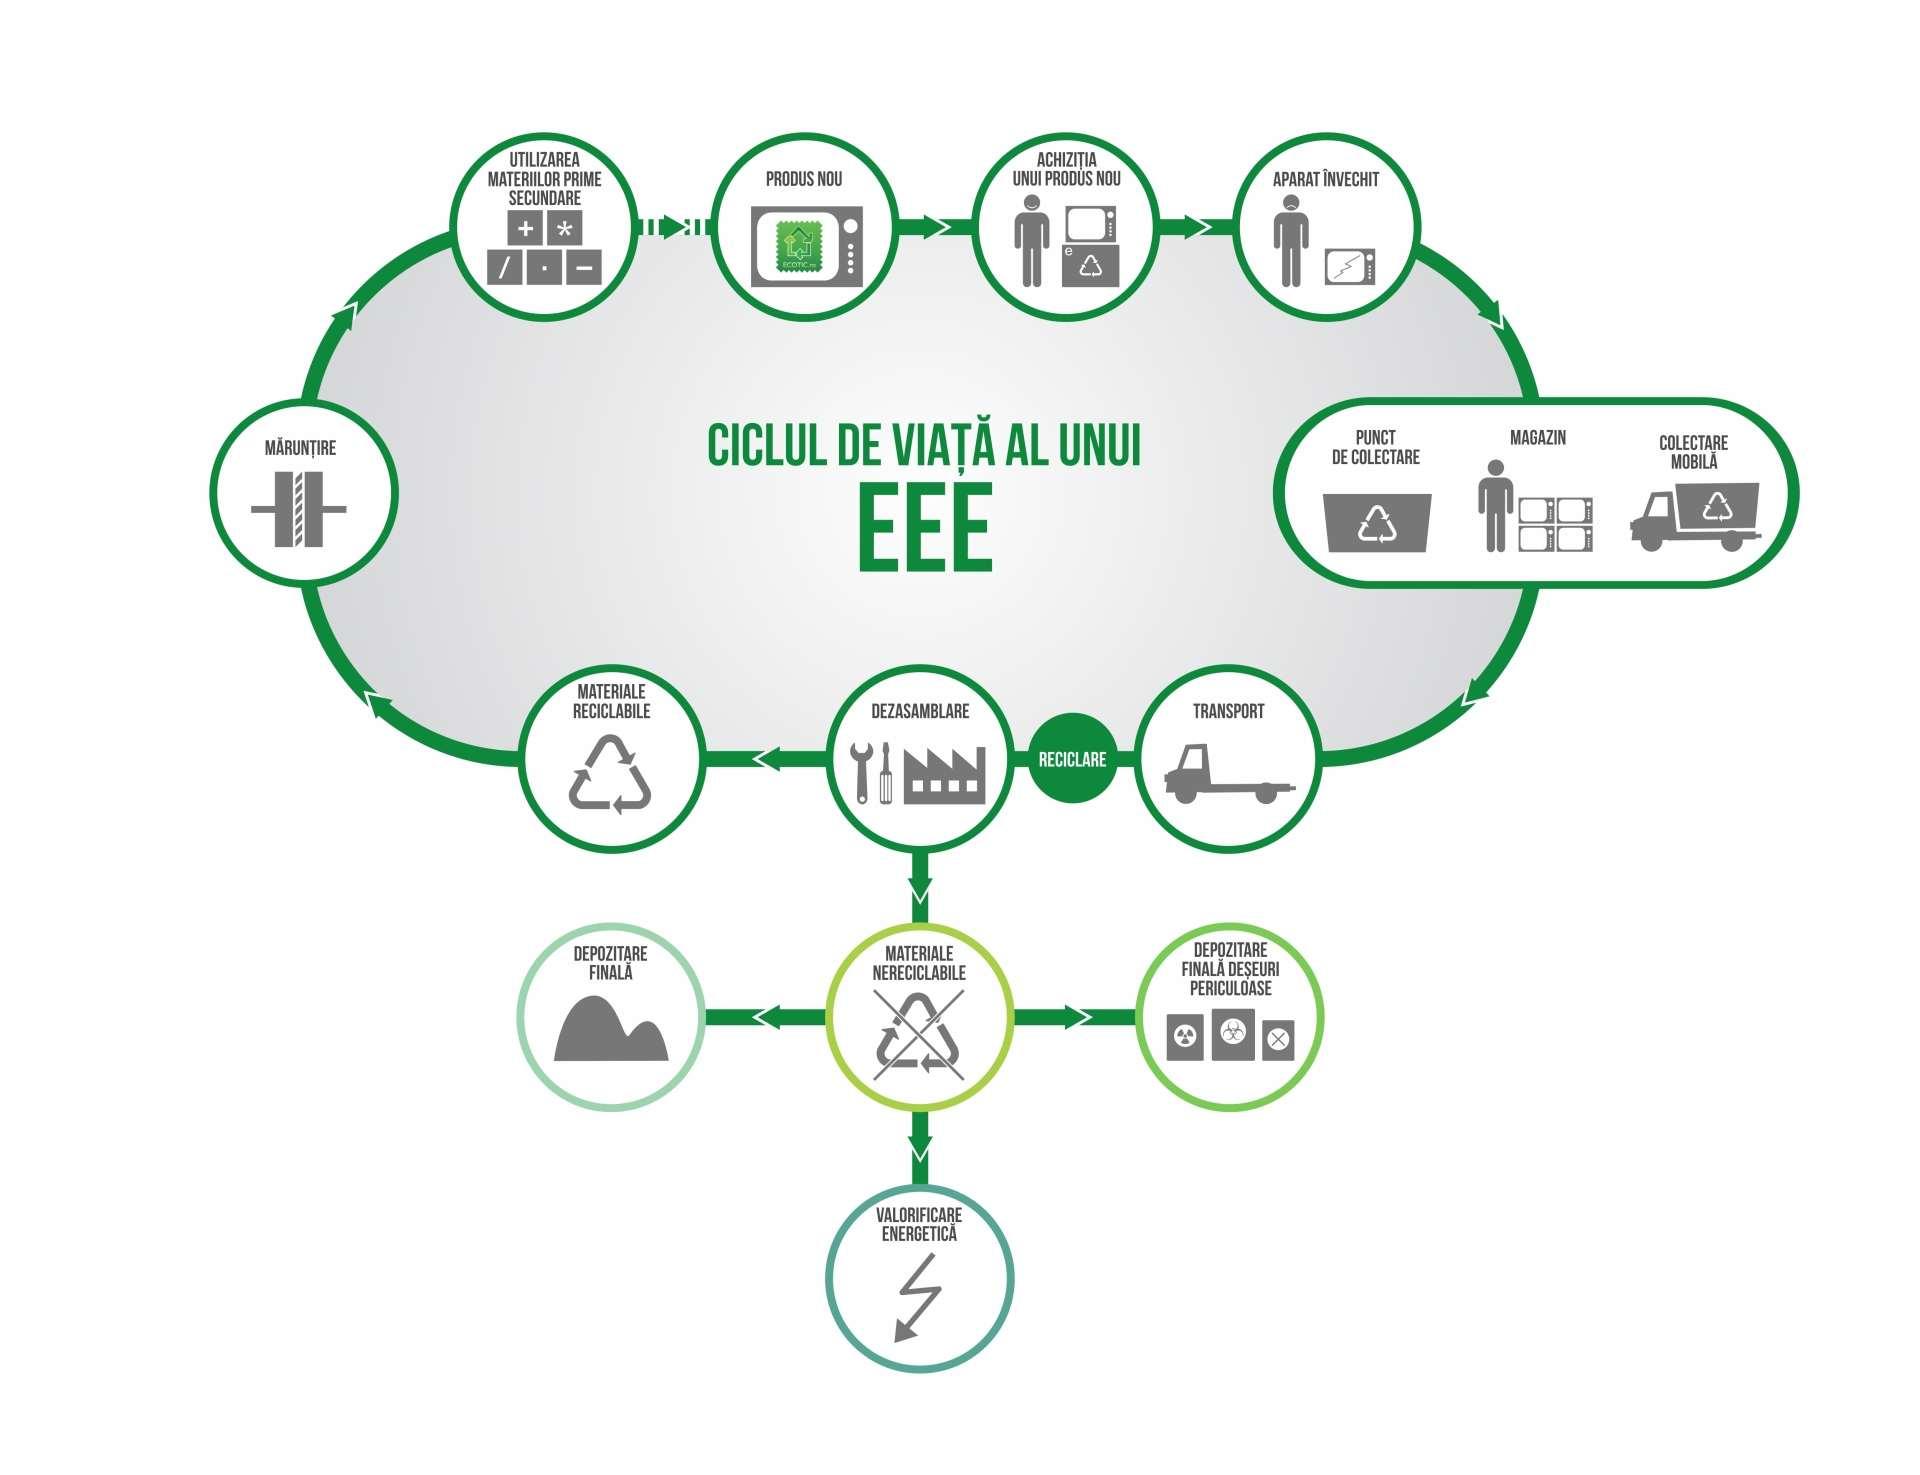 Ciclul de viata EEE